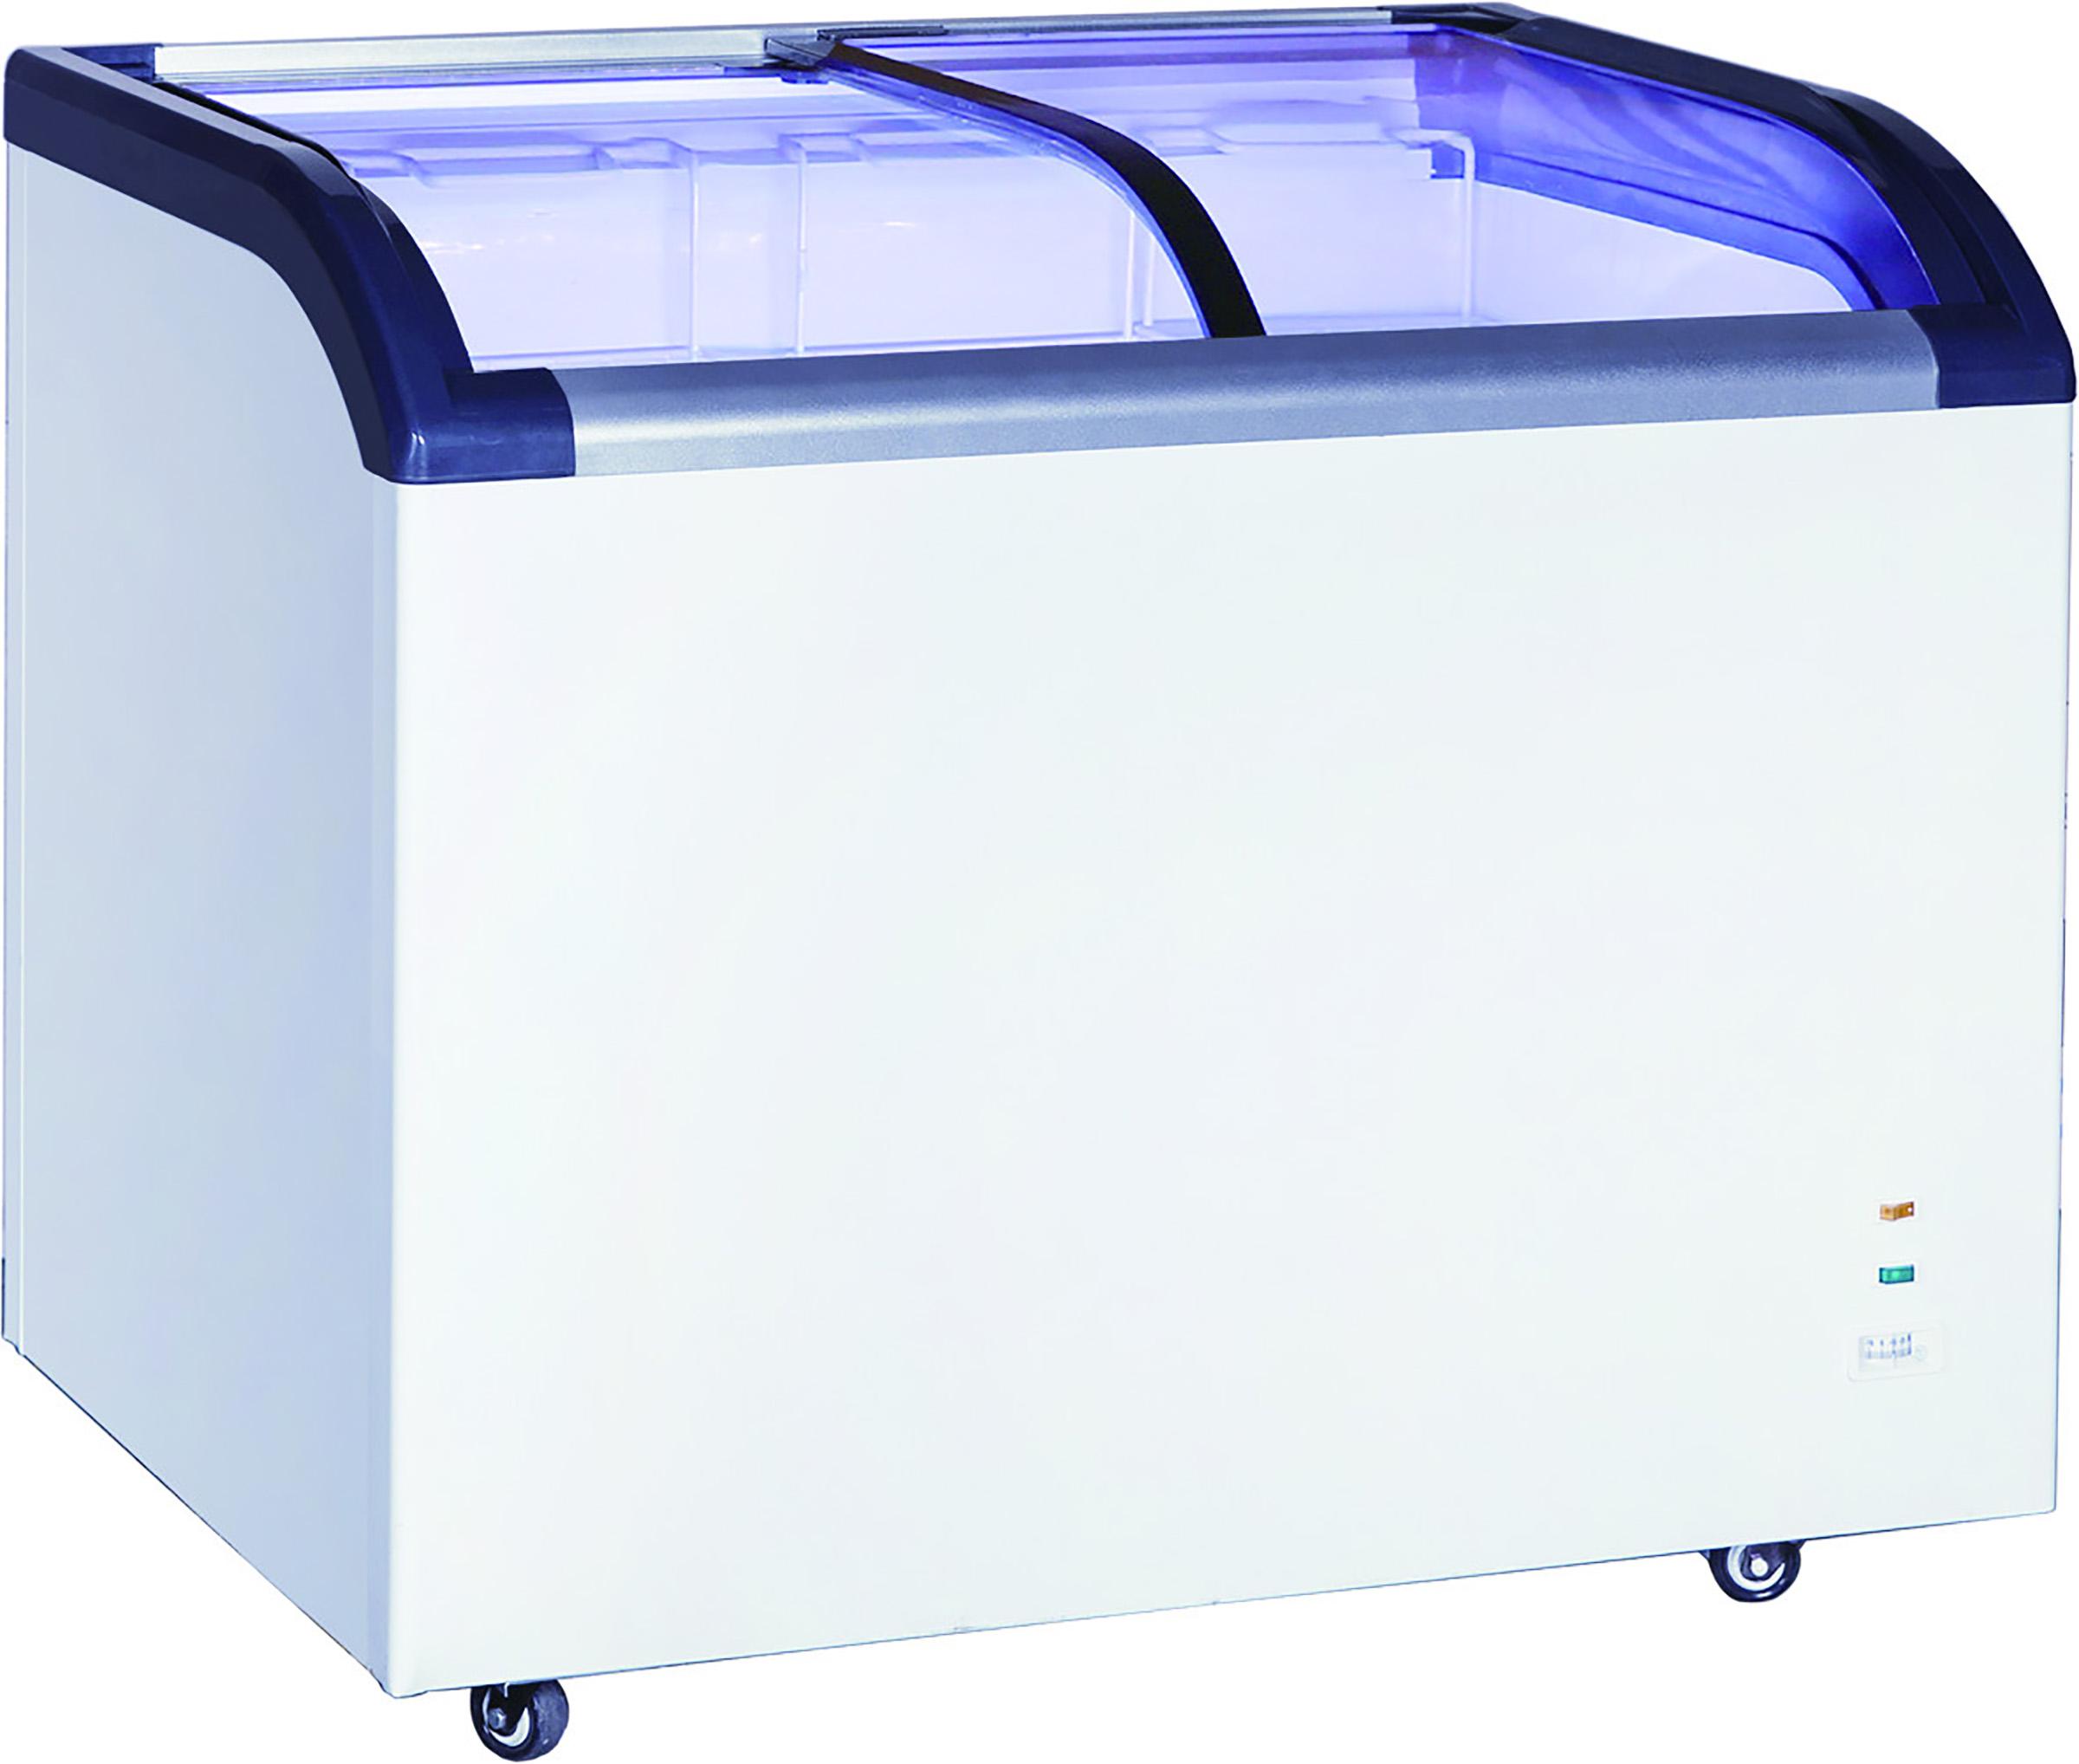 Adcraft (Admiral Craft Equipment) BDCF-6-CG chest freezer